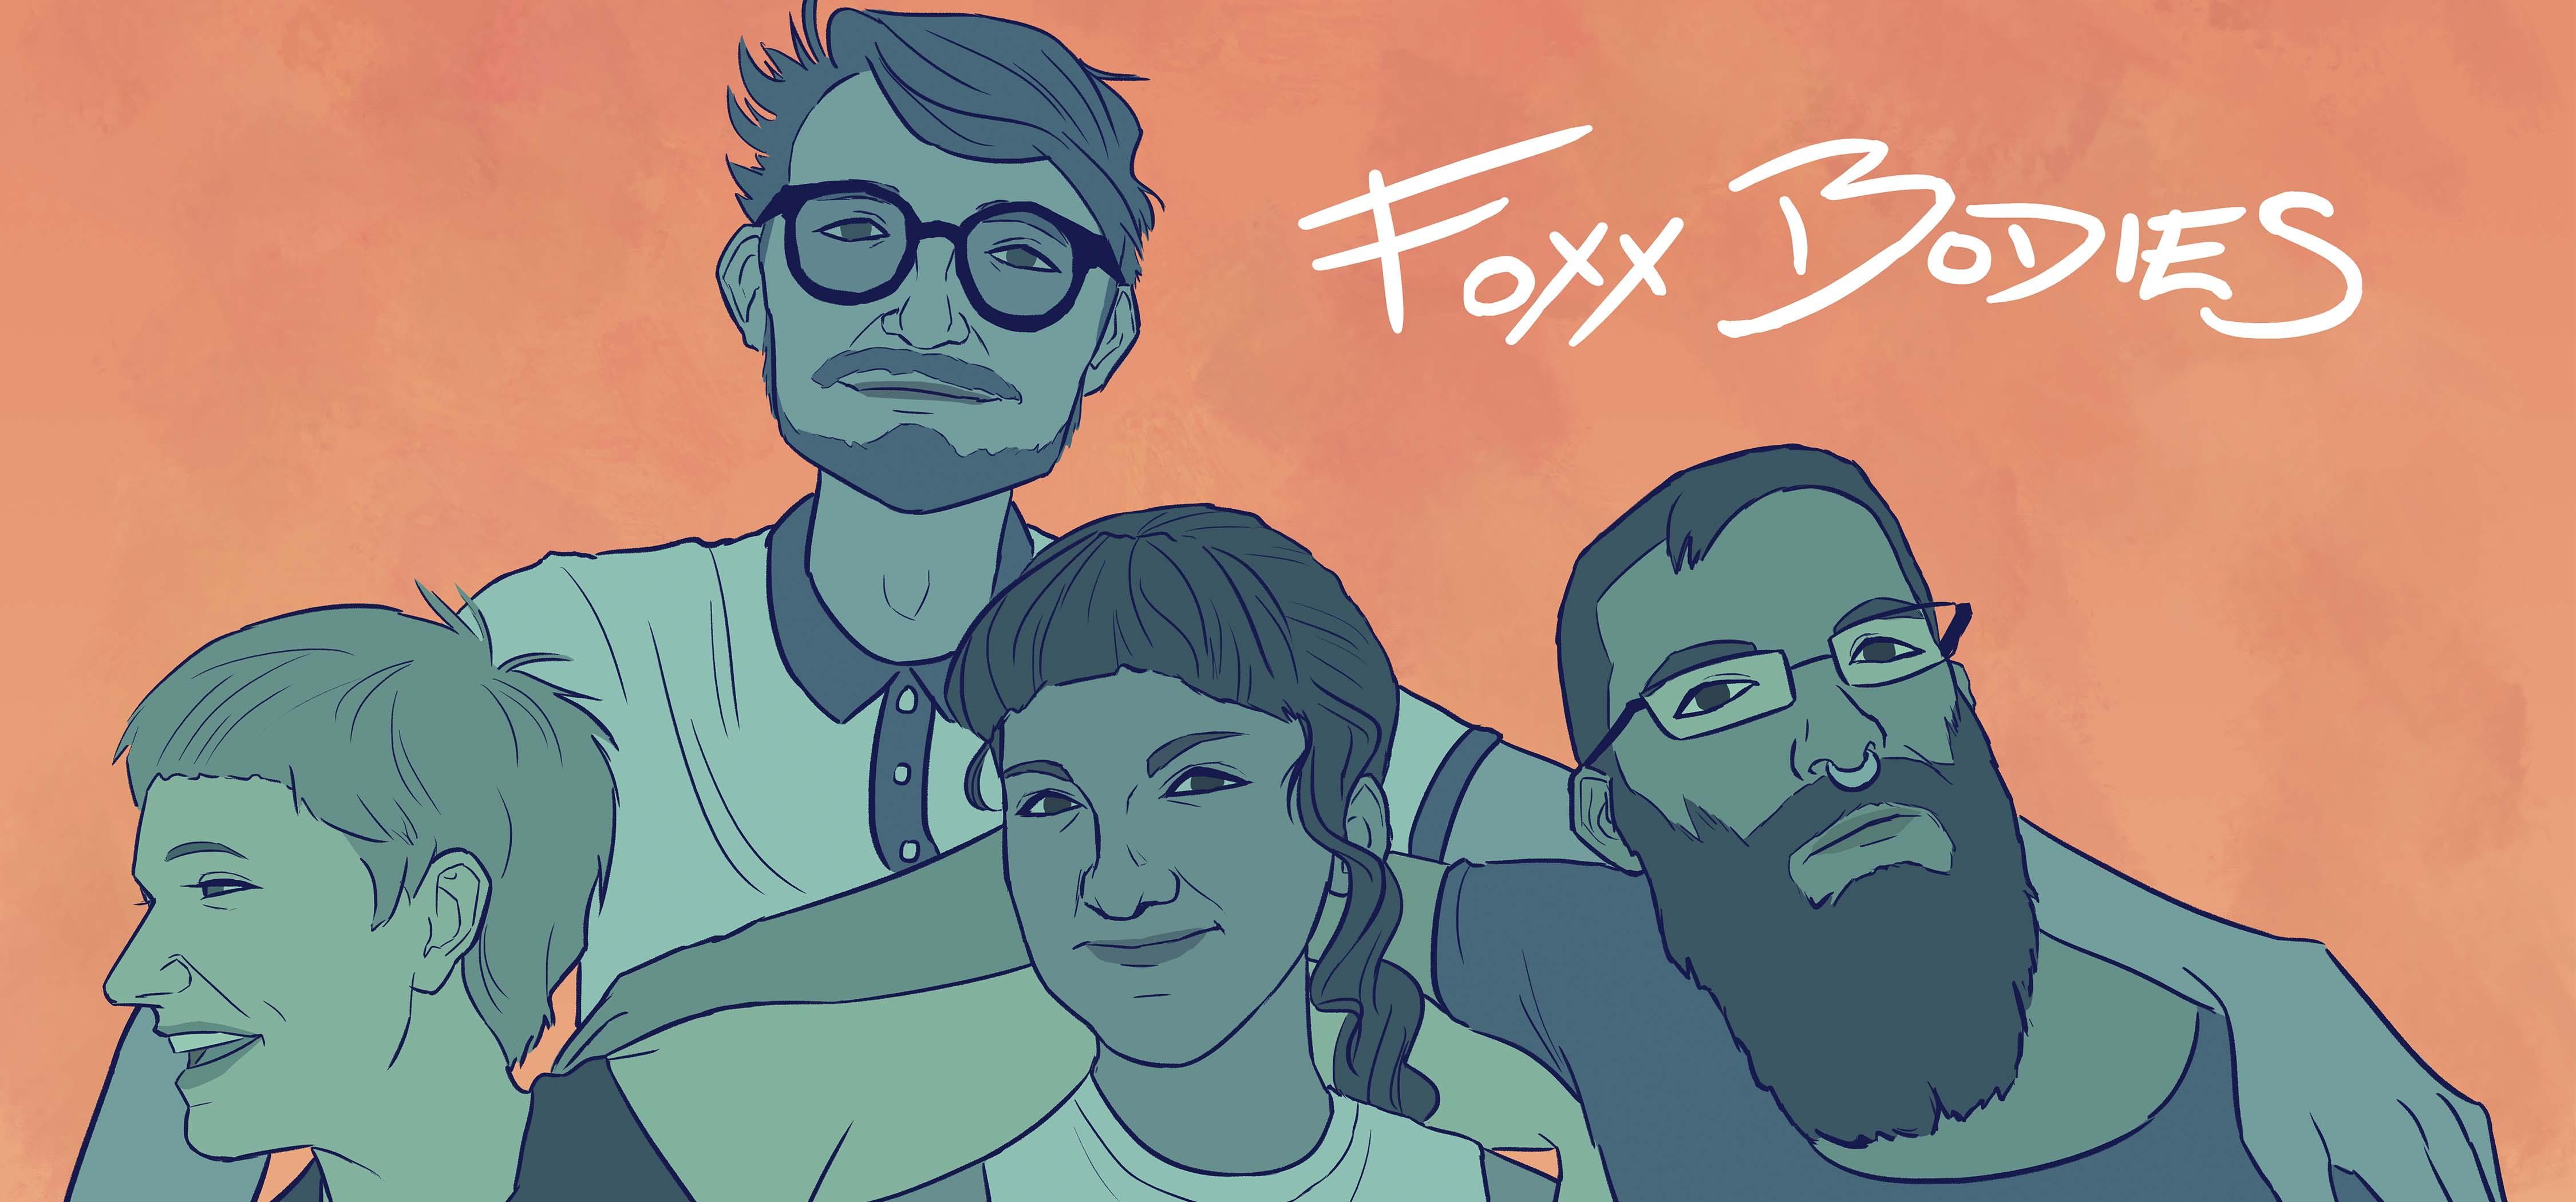 Foxx Bodies